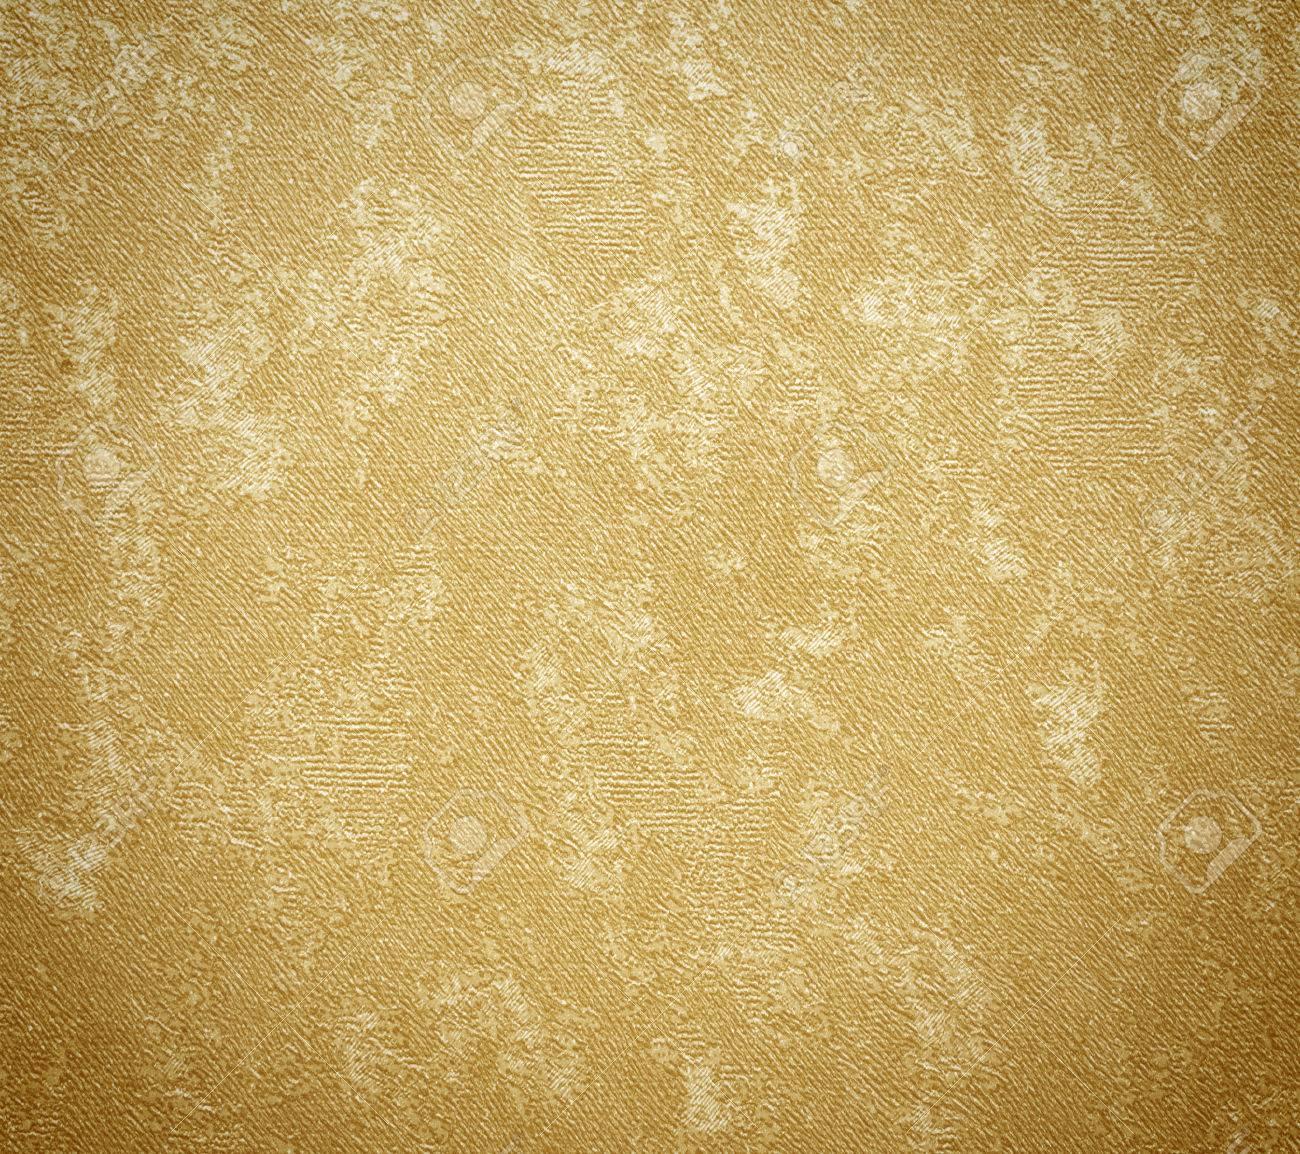 Le Papier Peint Fond Jaune Peint Vintage Decor Banque D Images Et